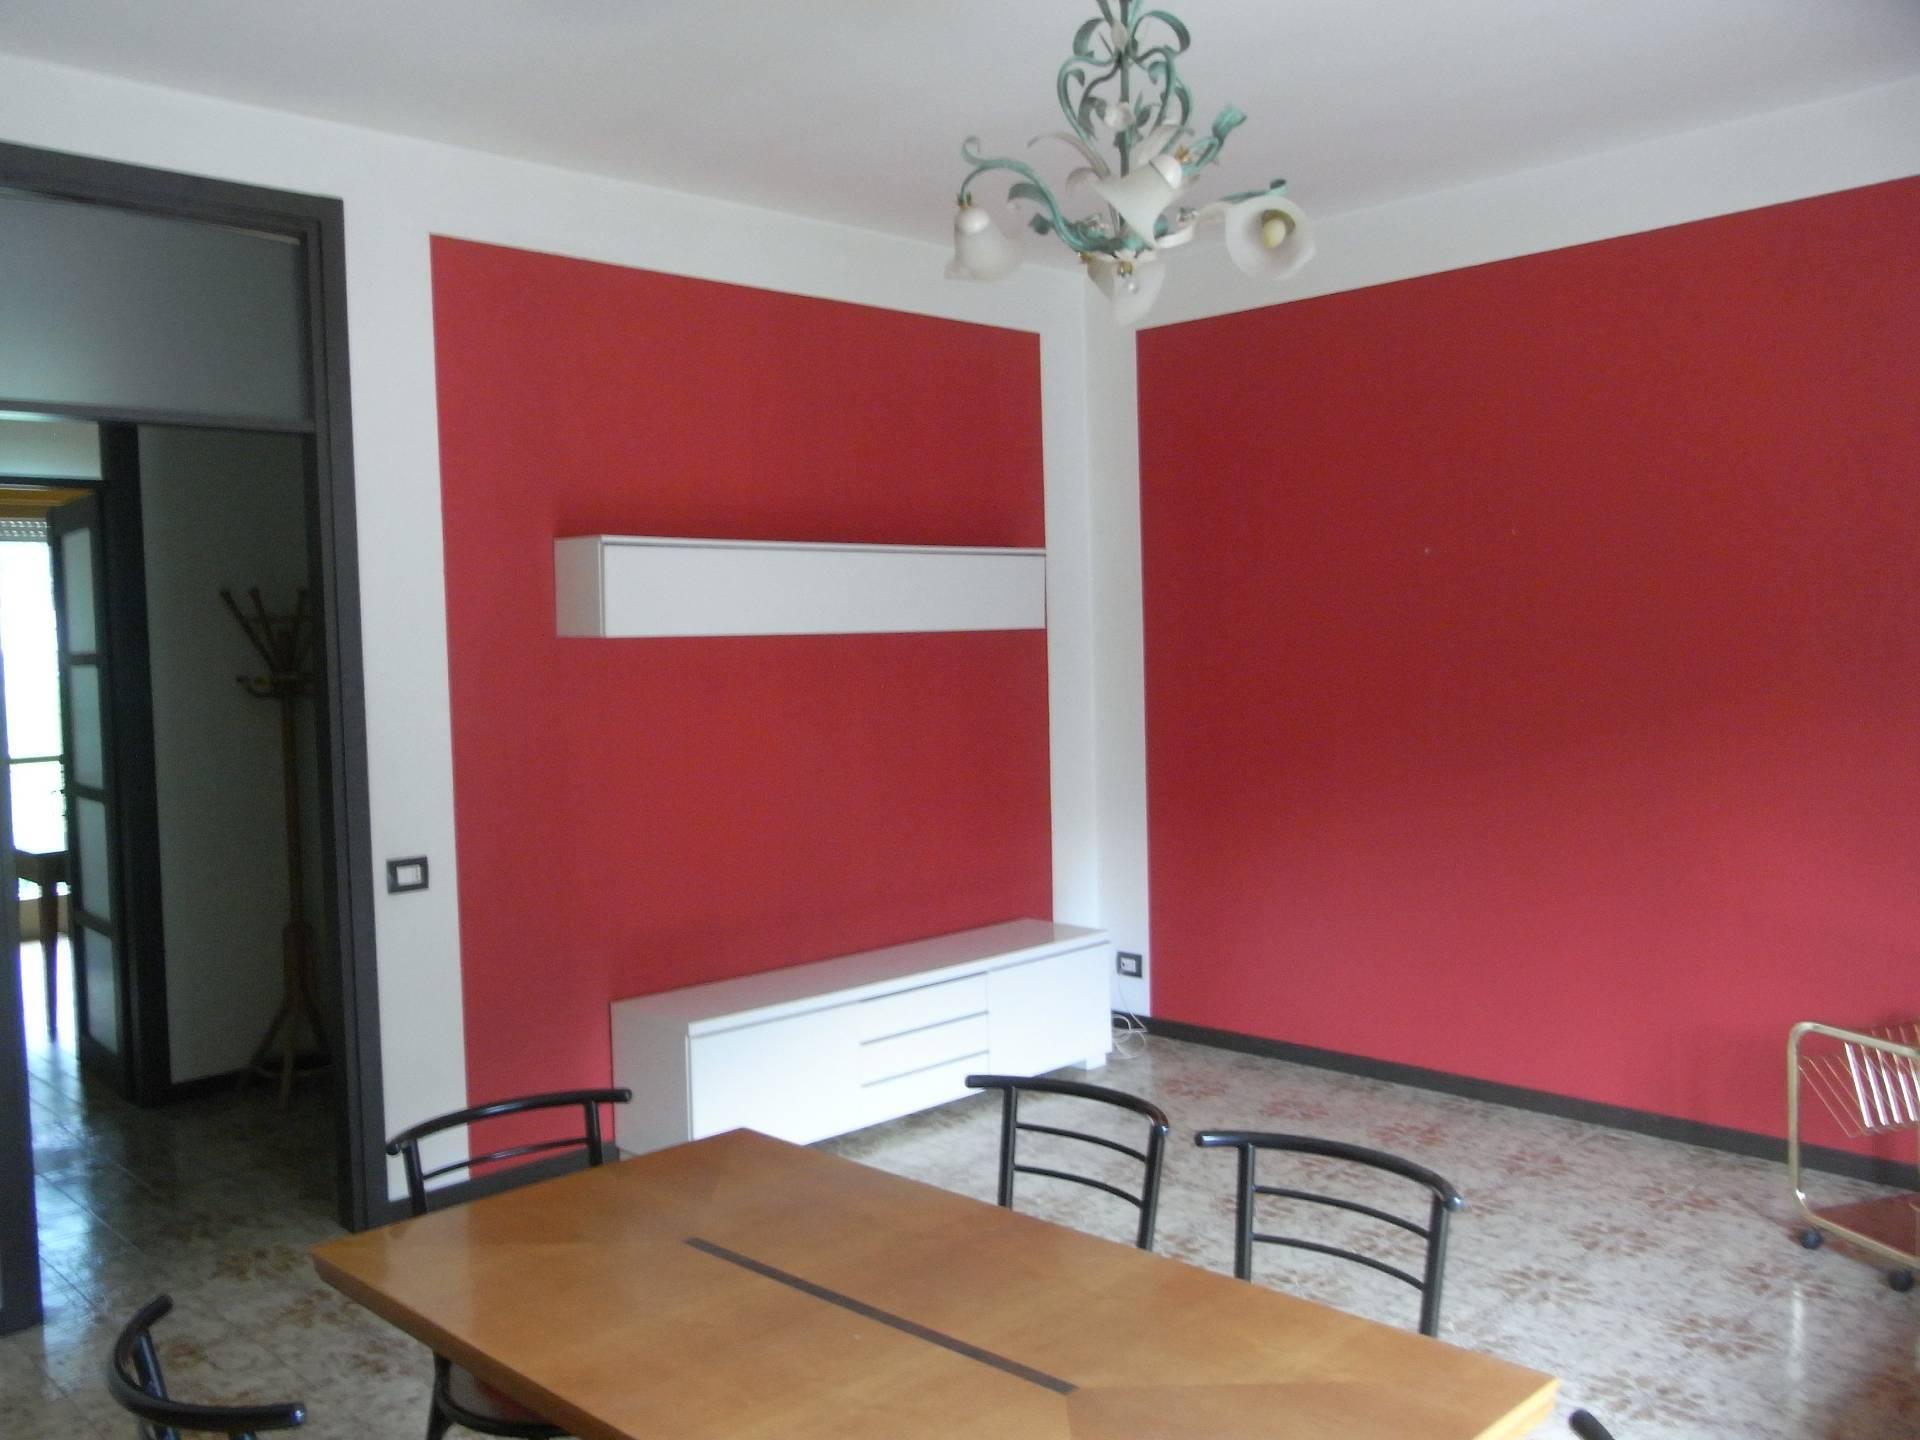 Appartamento in affitto a Sedrina, 3 locali, zona Località: Centro, prezzo € 5.400 | CambioCasa.it